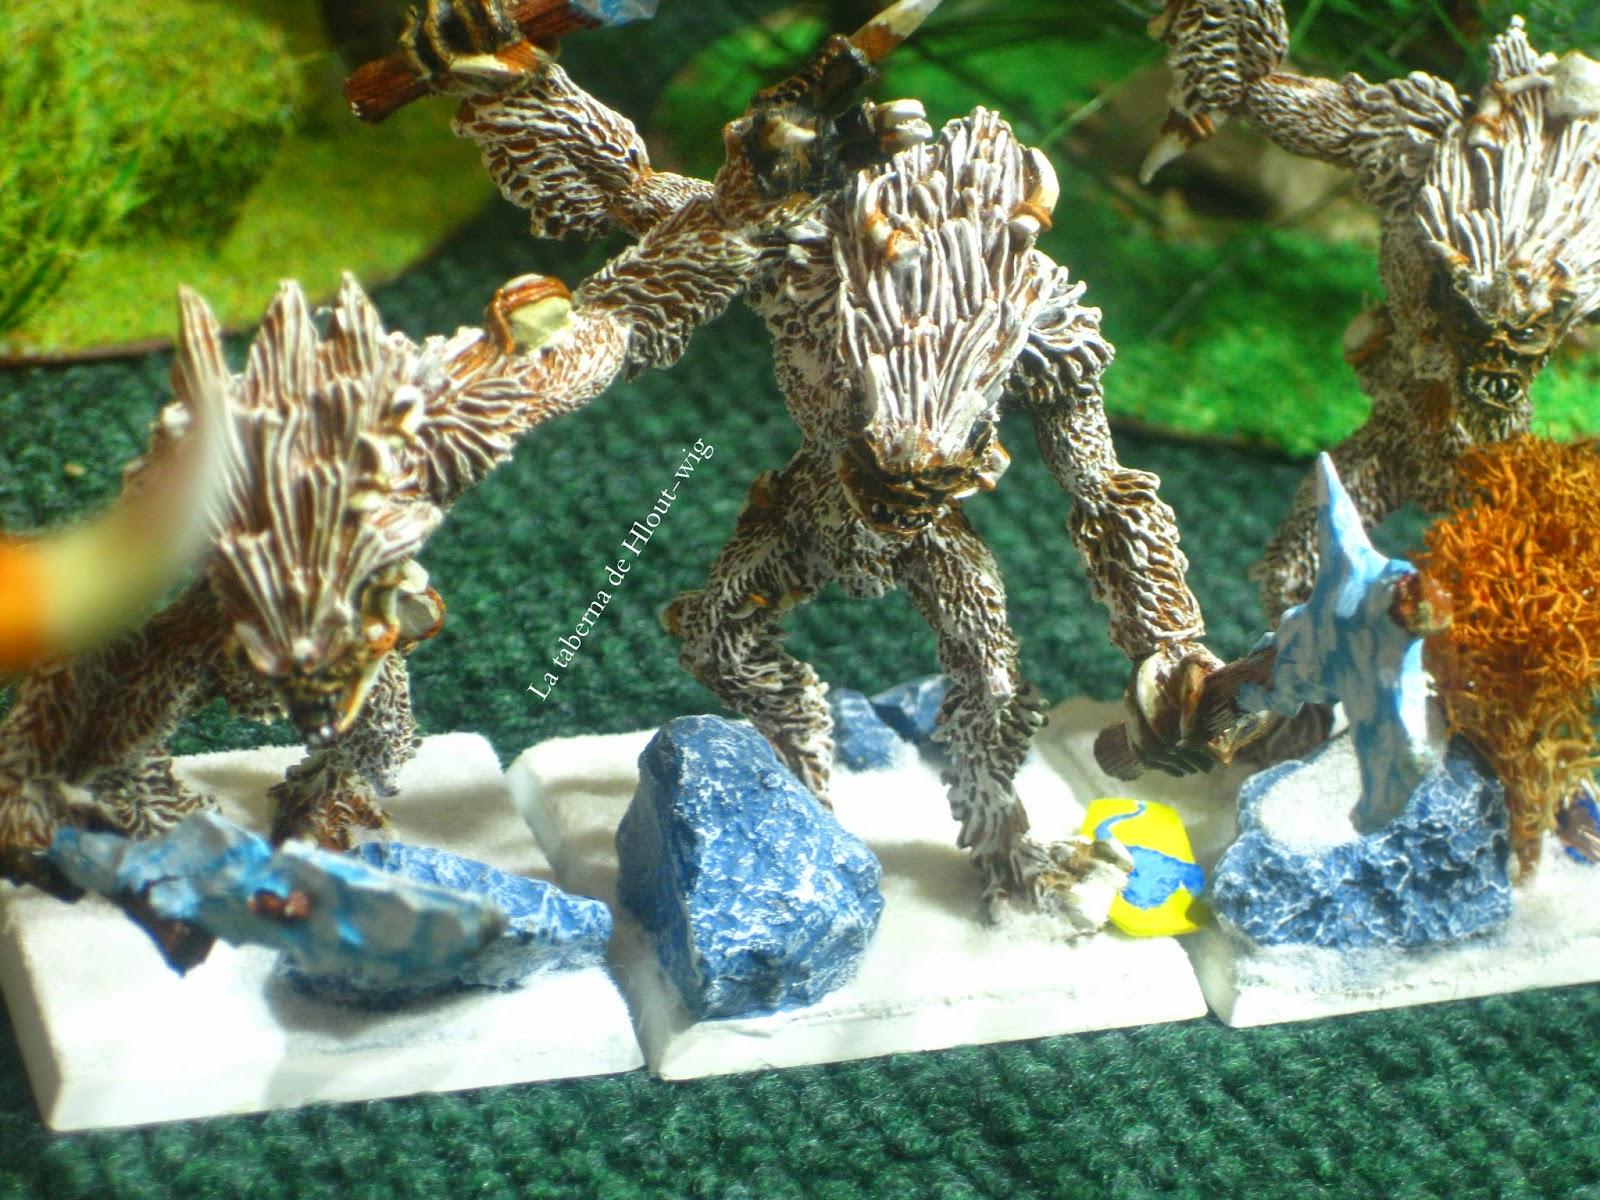 Yetis de los reinos ogros